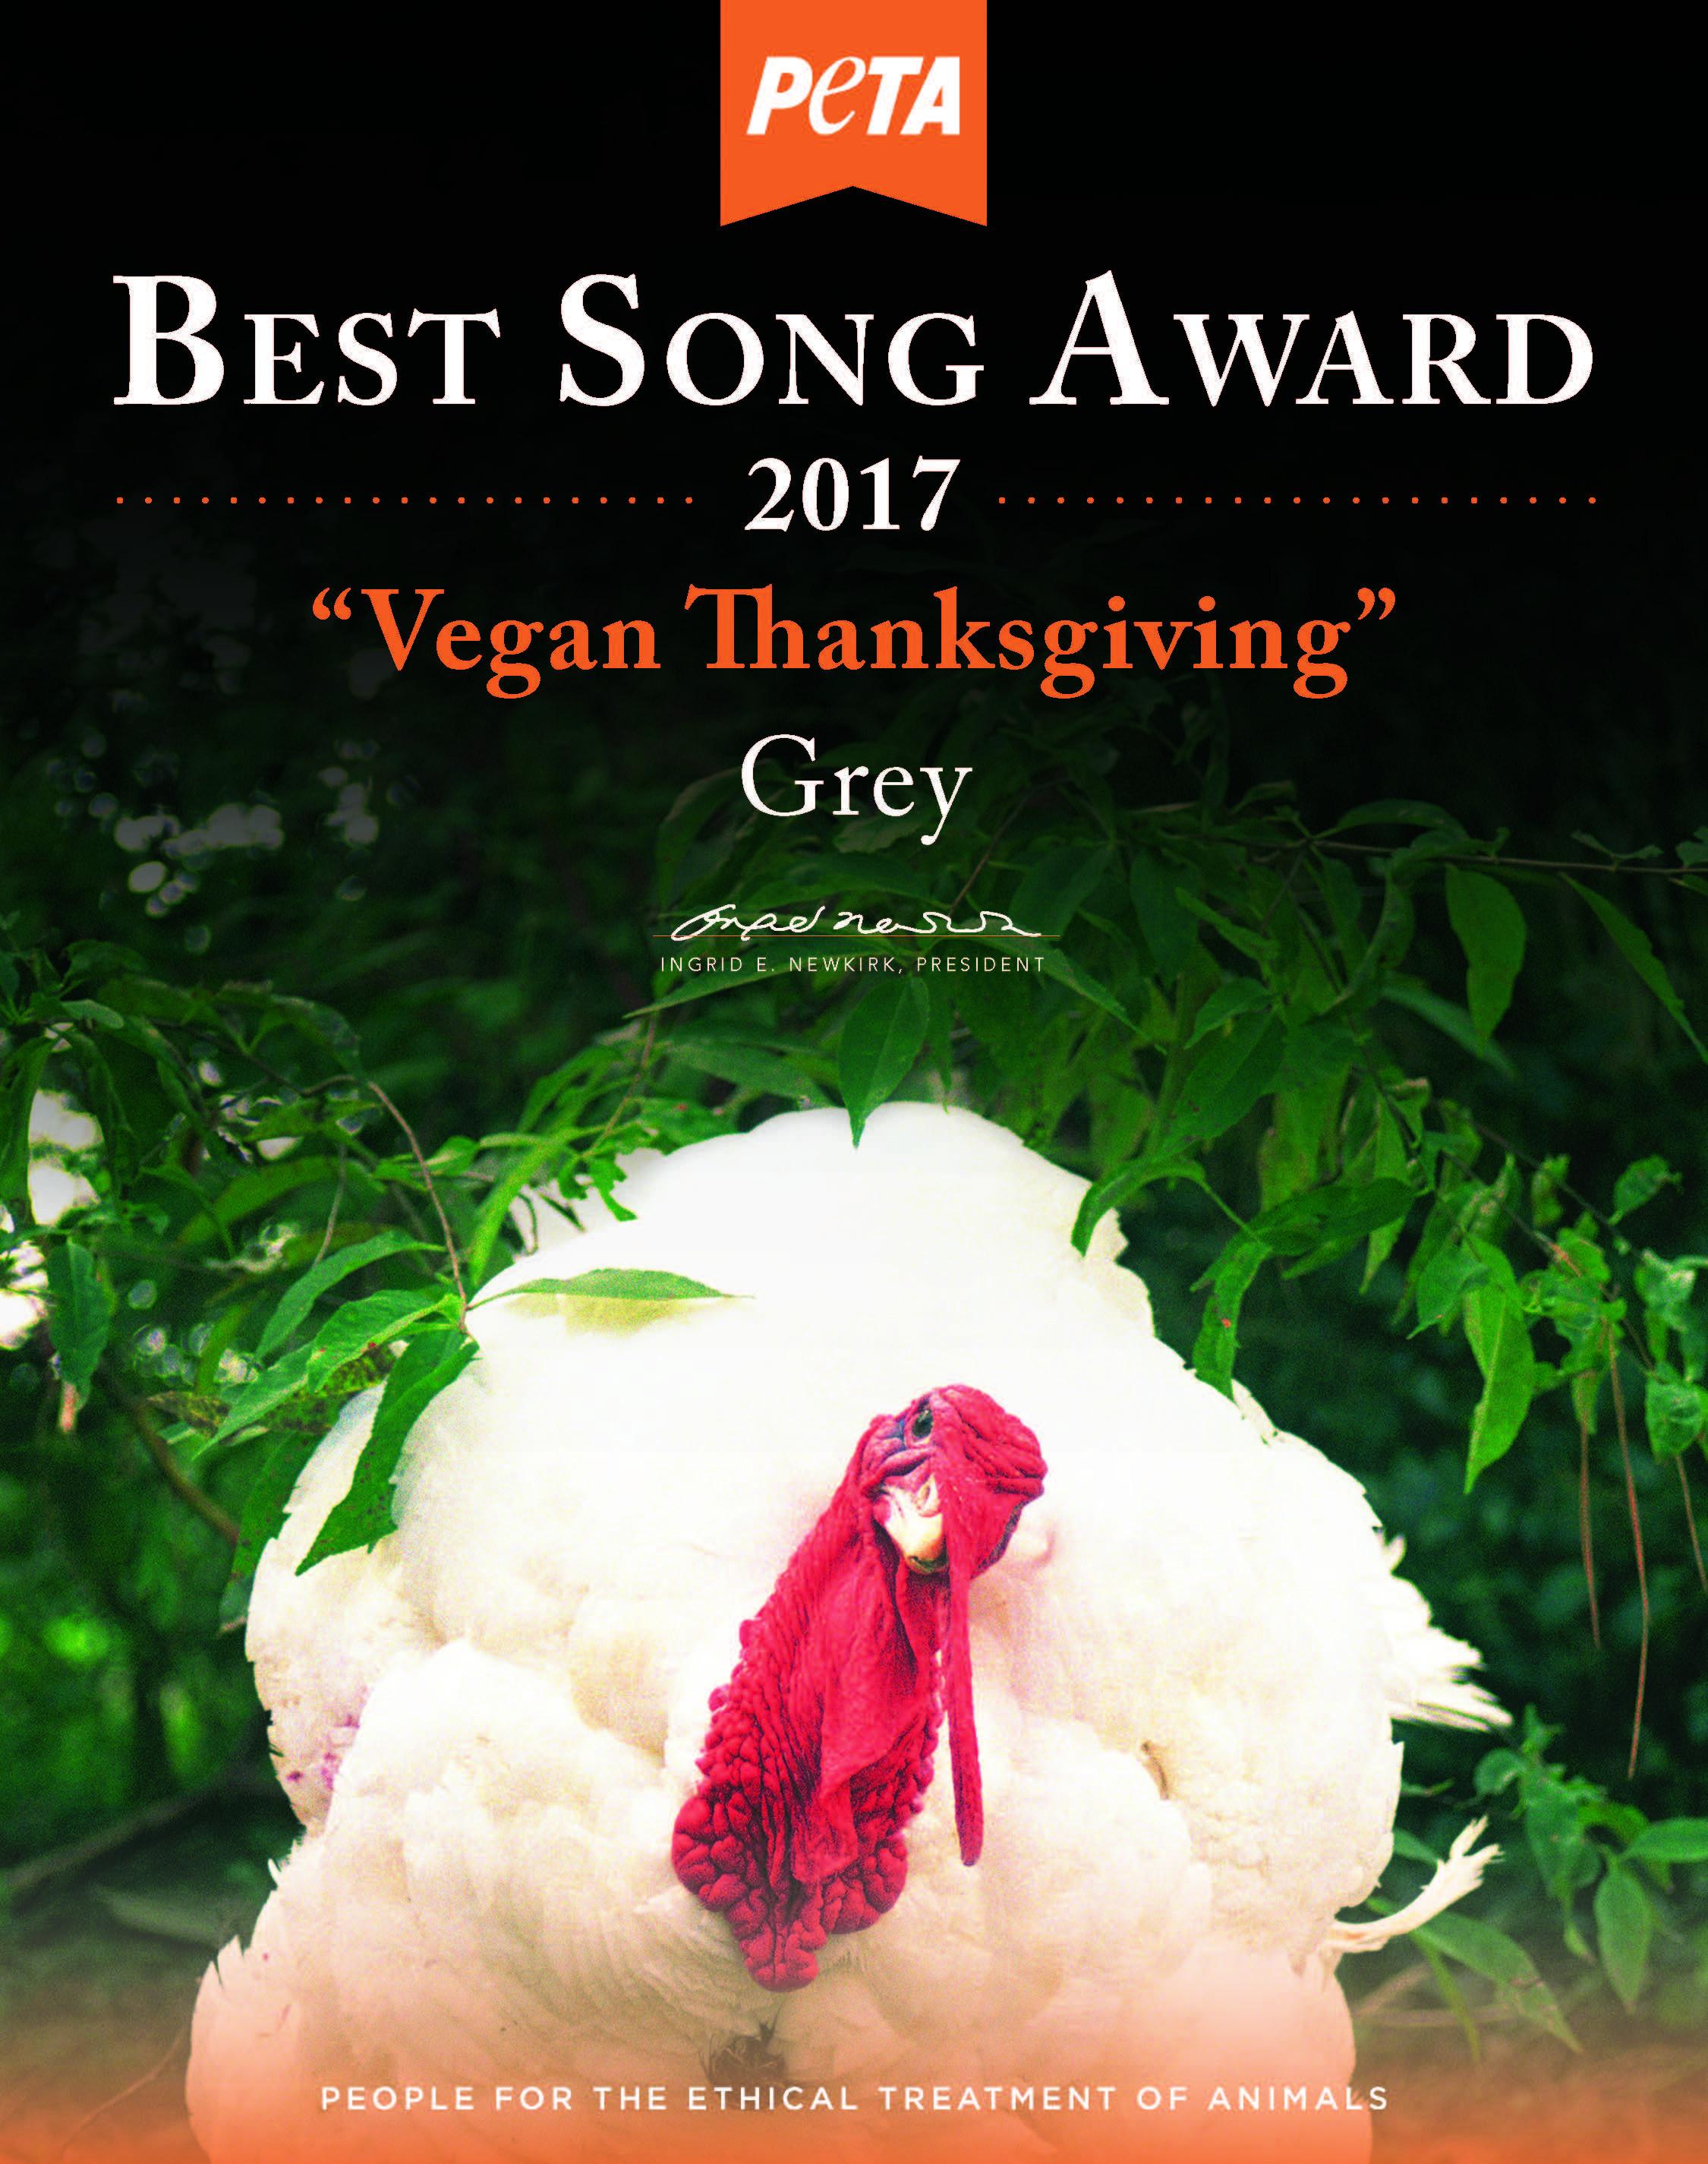 Vegan Thanksgiving Song  Grey Celebrates Vegan Thanksgiving at Sublime With PETA